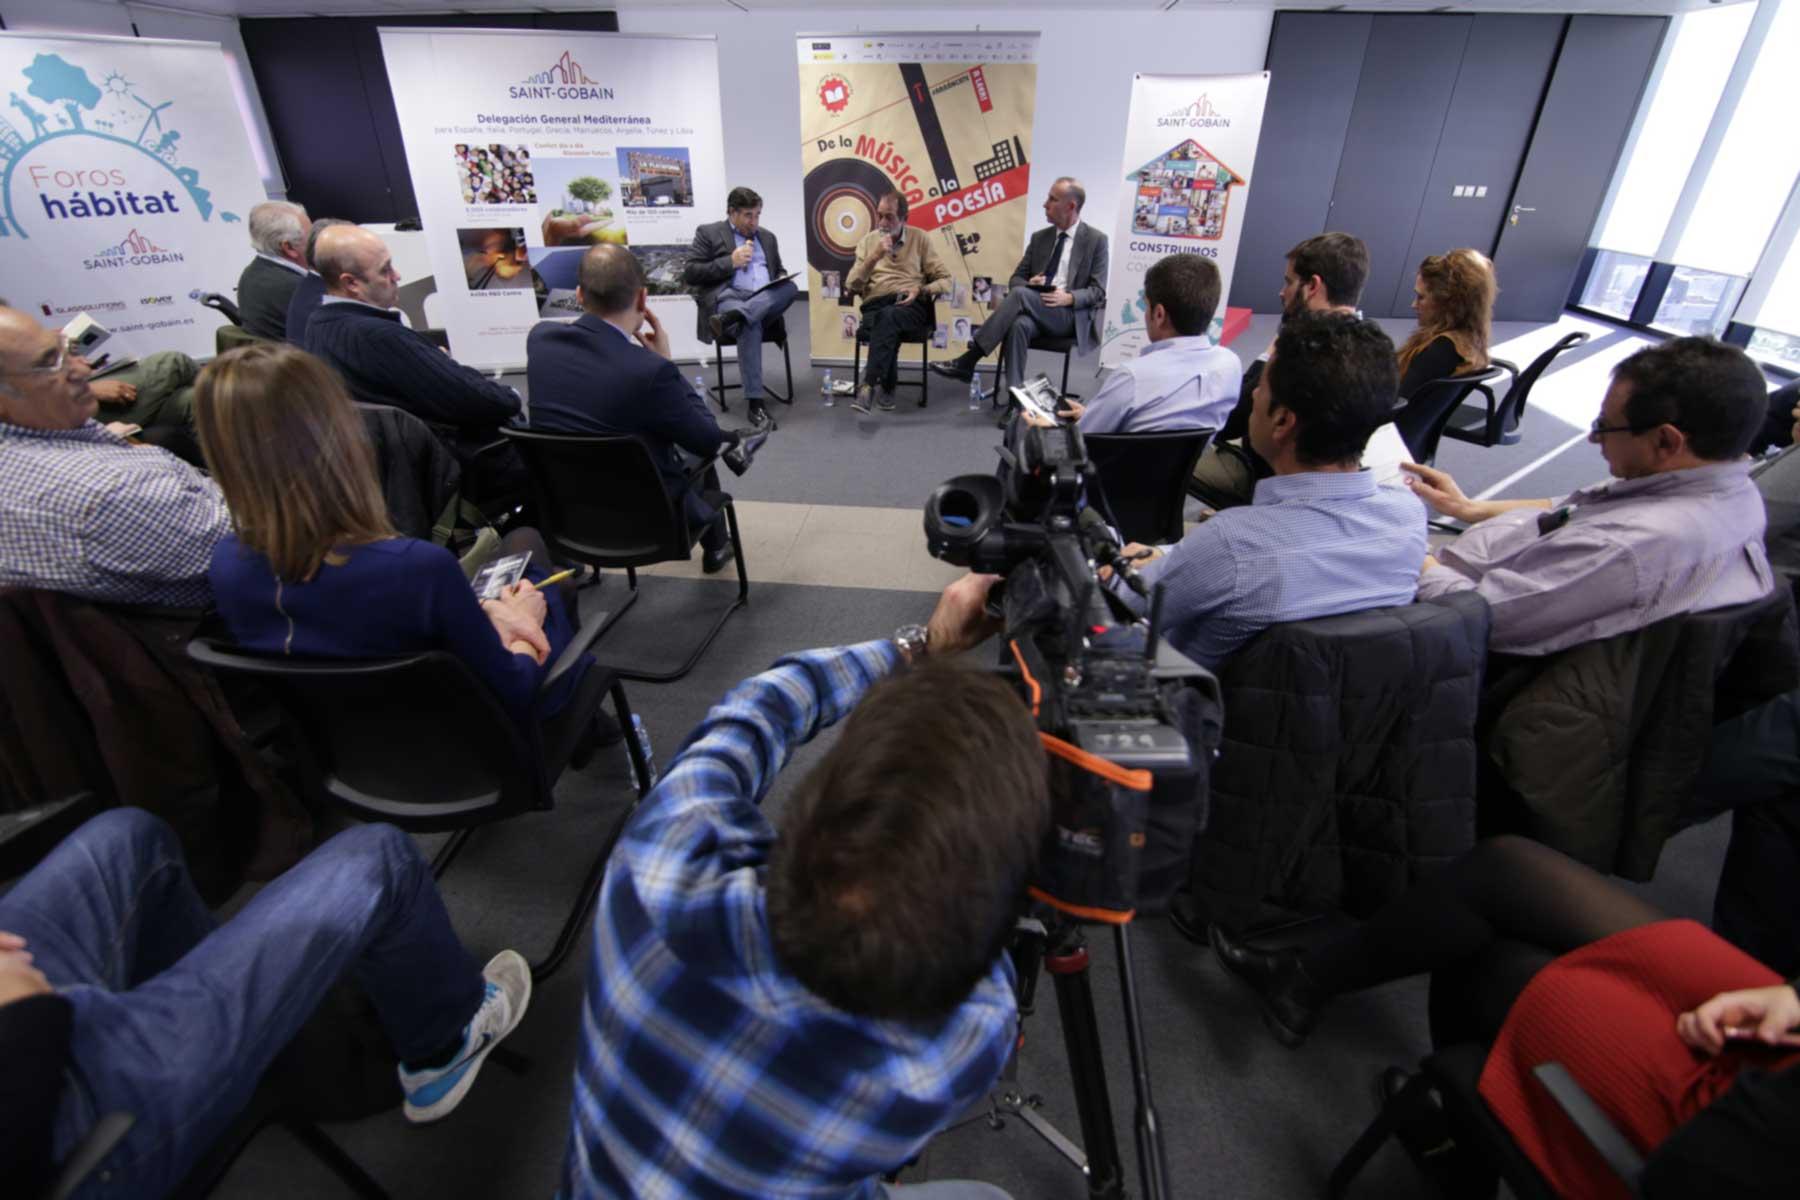 Saint-Gobain celebra con el poeta Pablo Guerrero el encuentro 'Los libros, a las fábricas'